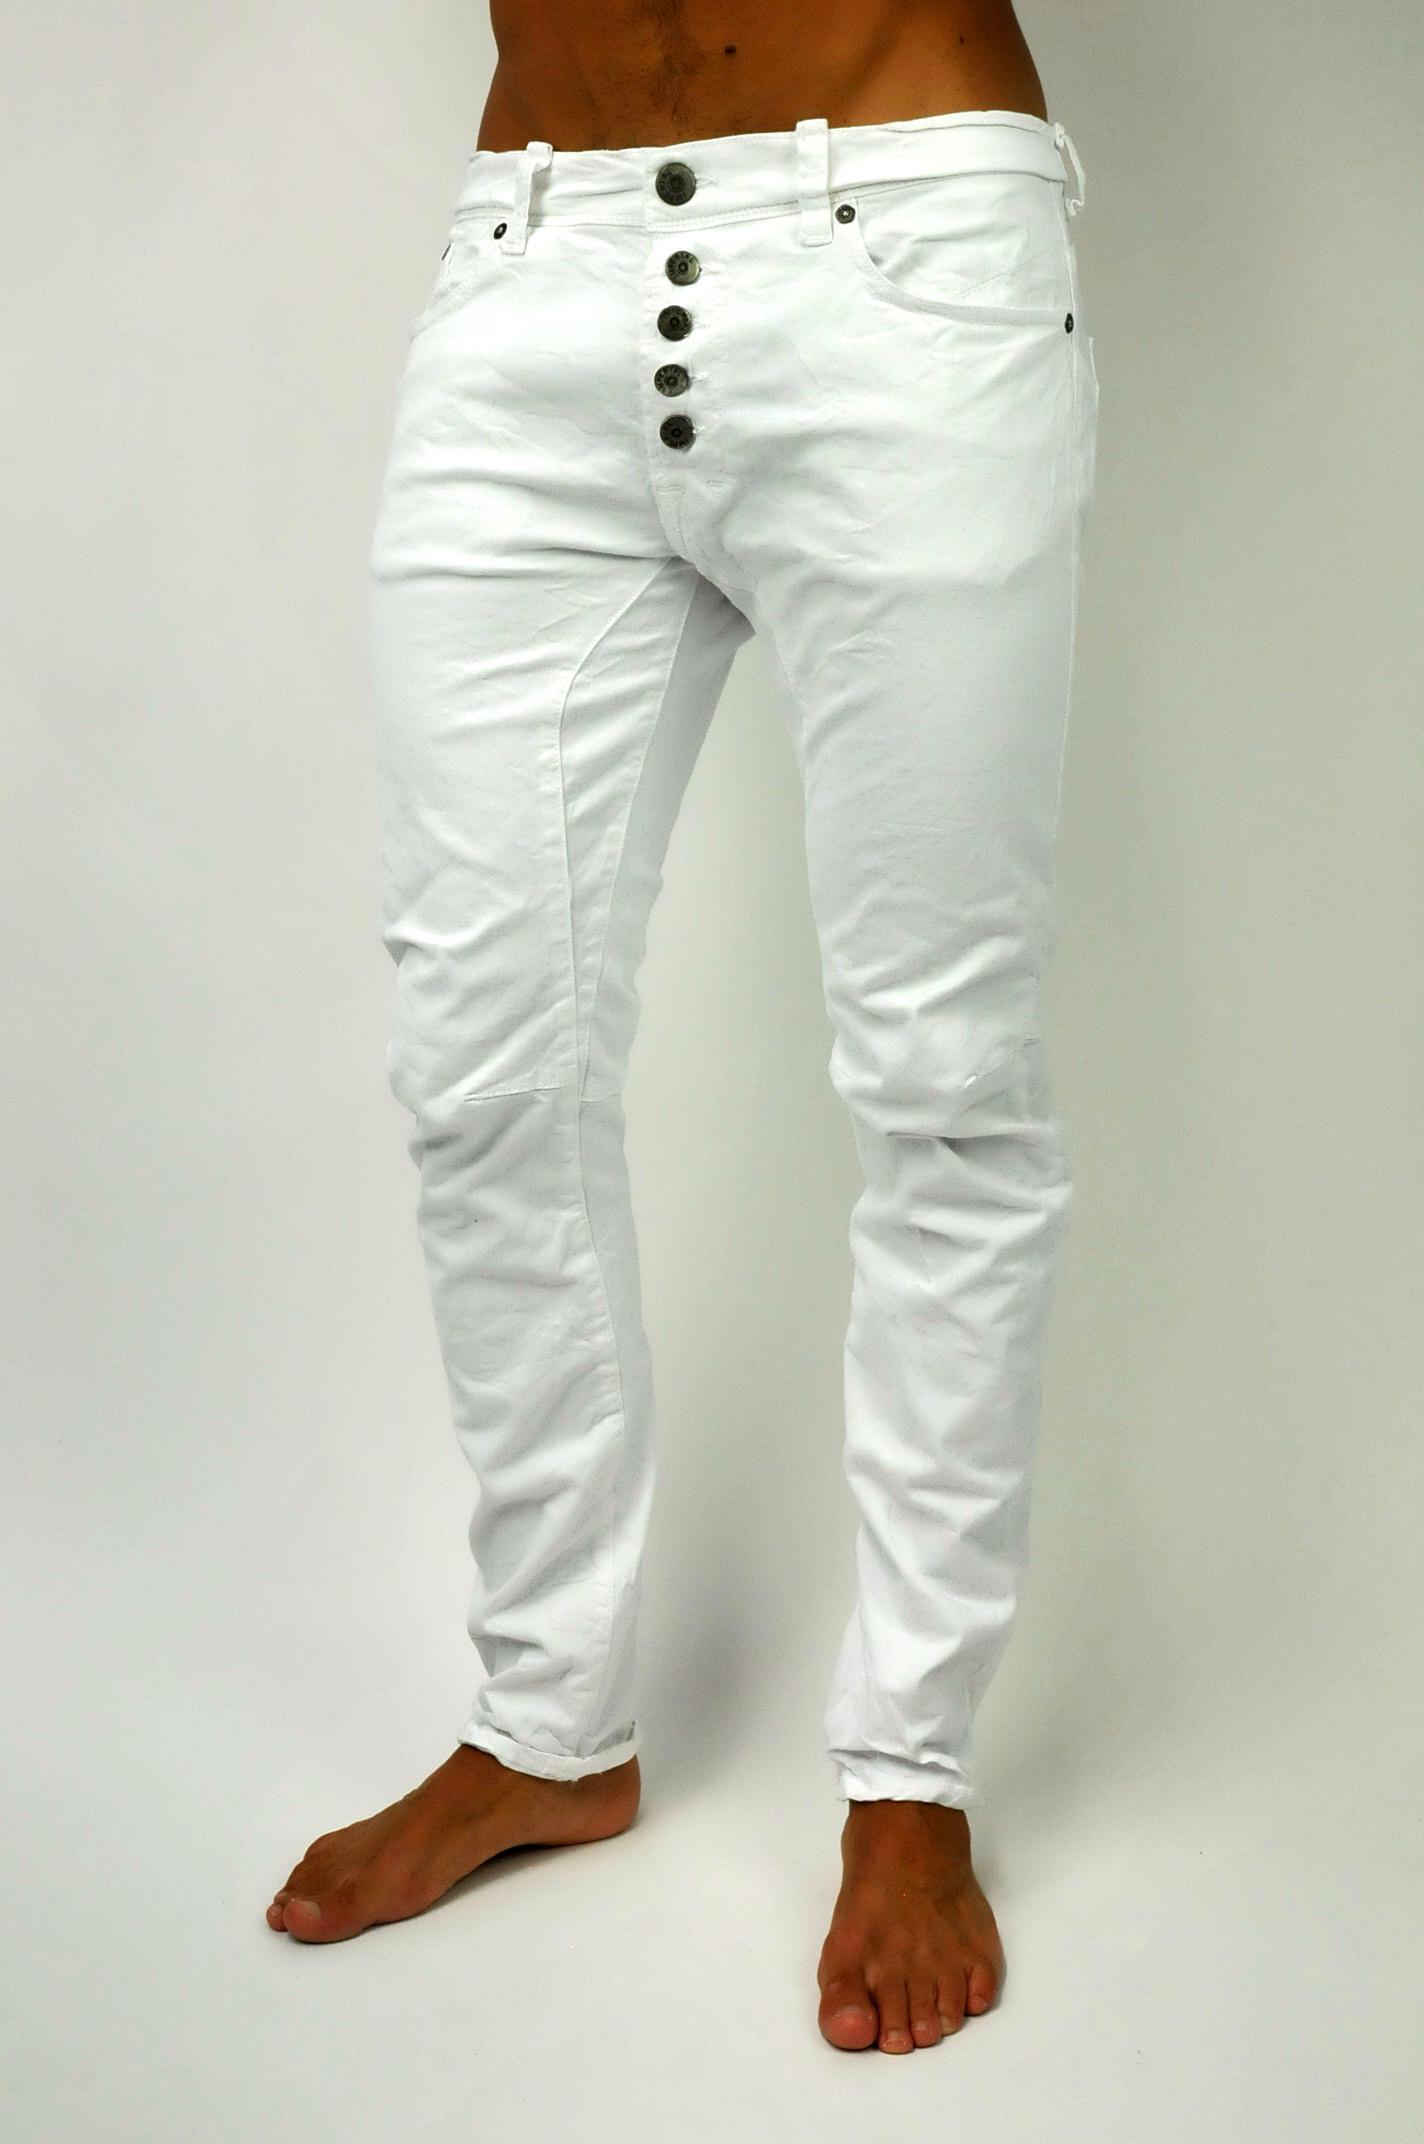 nuovo stile del 2019 scarpe temperamento originale più votato Pantalone bianco bottoni a vista